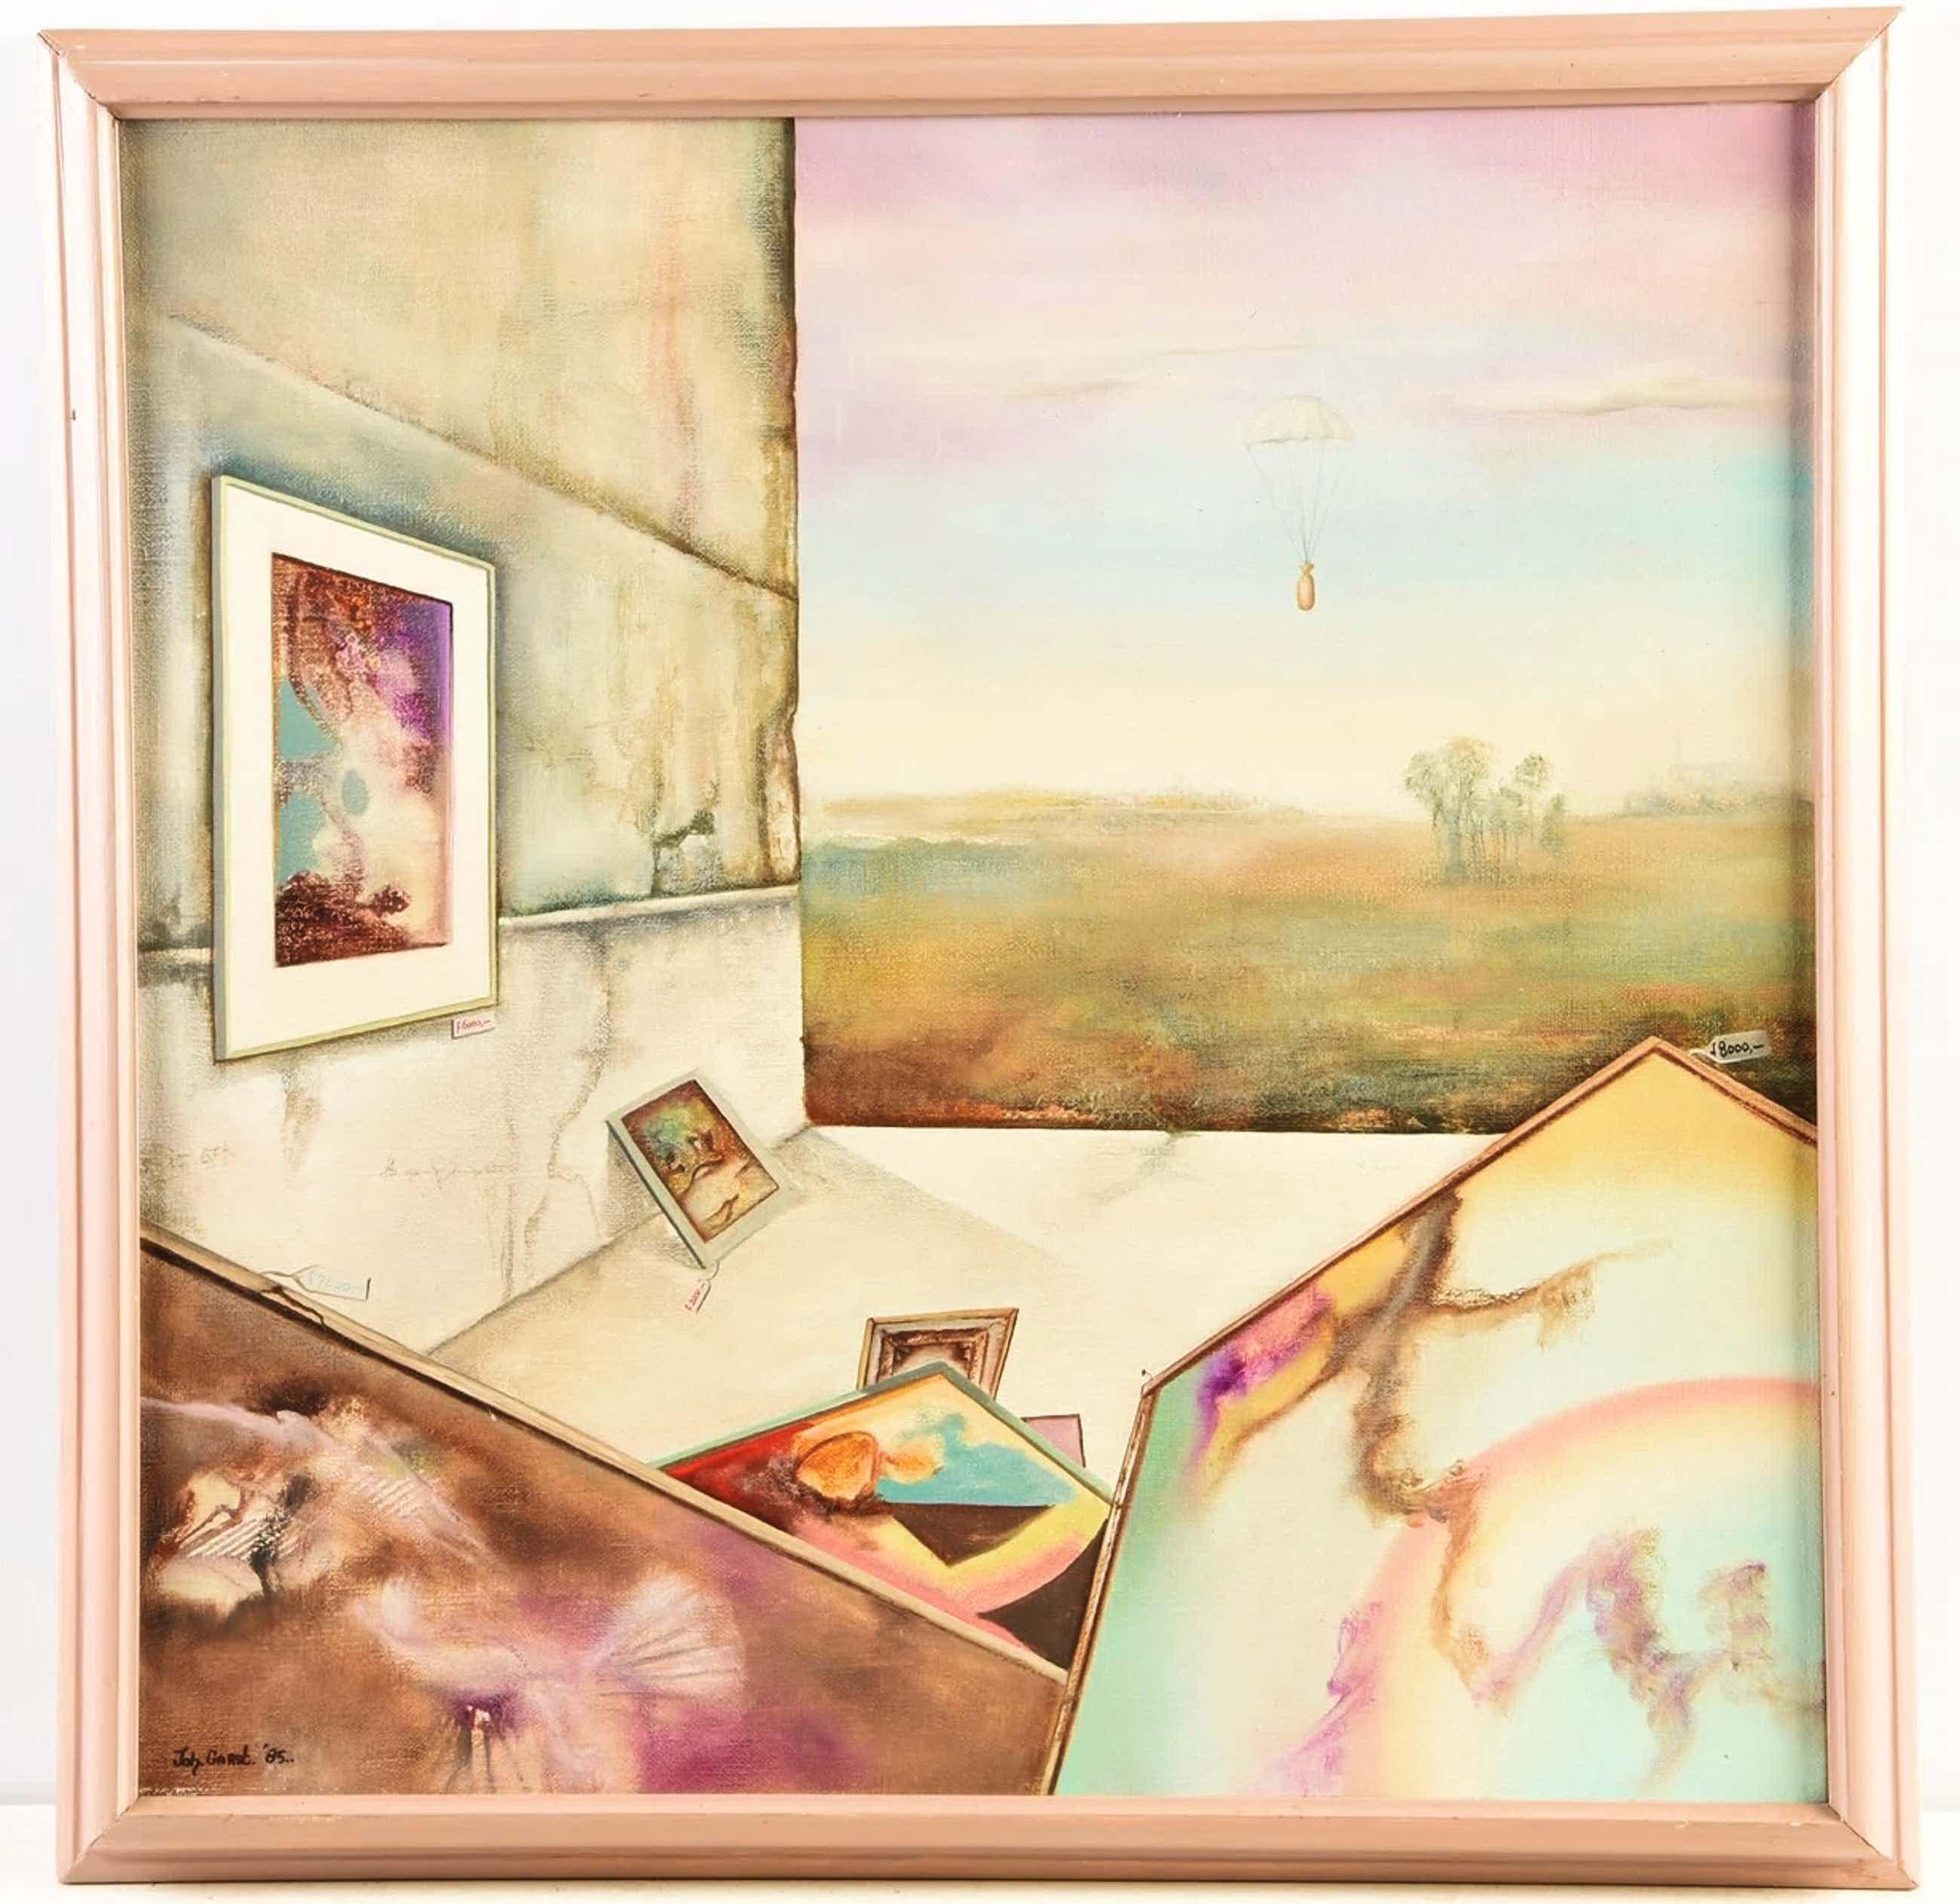 Johannes Garst - Surrealistische voorstelling met schilderijen kopen? Bied vanaf 40!